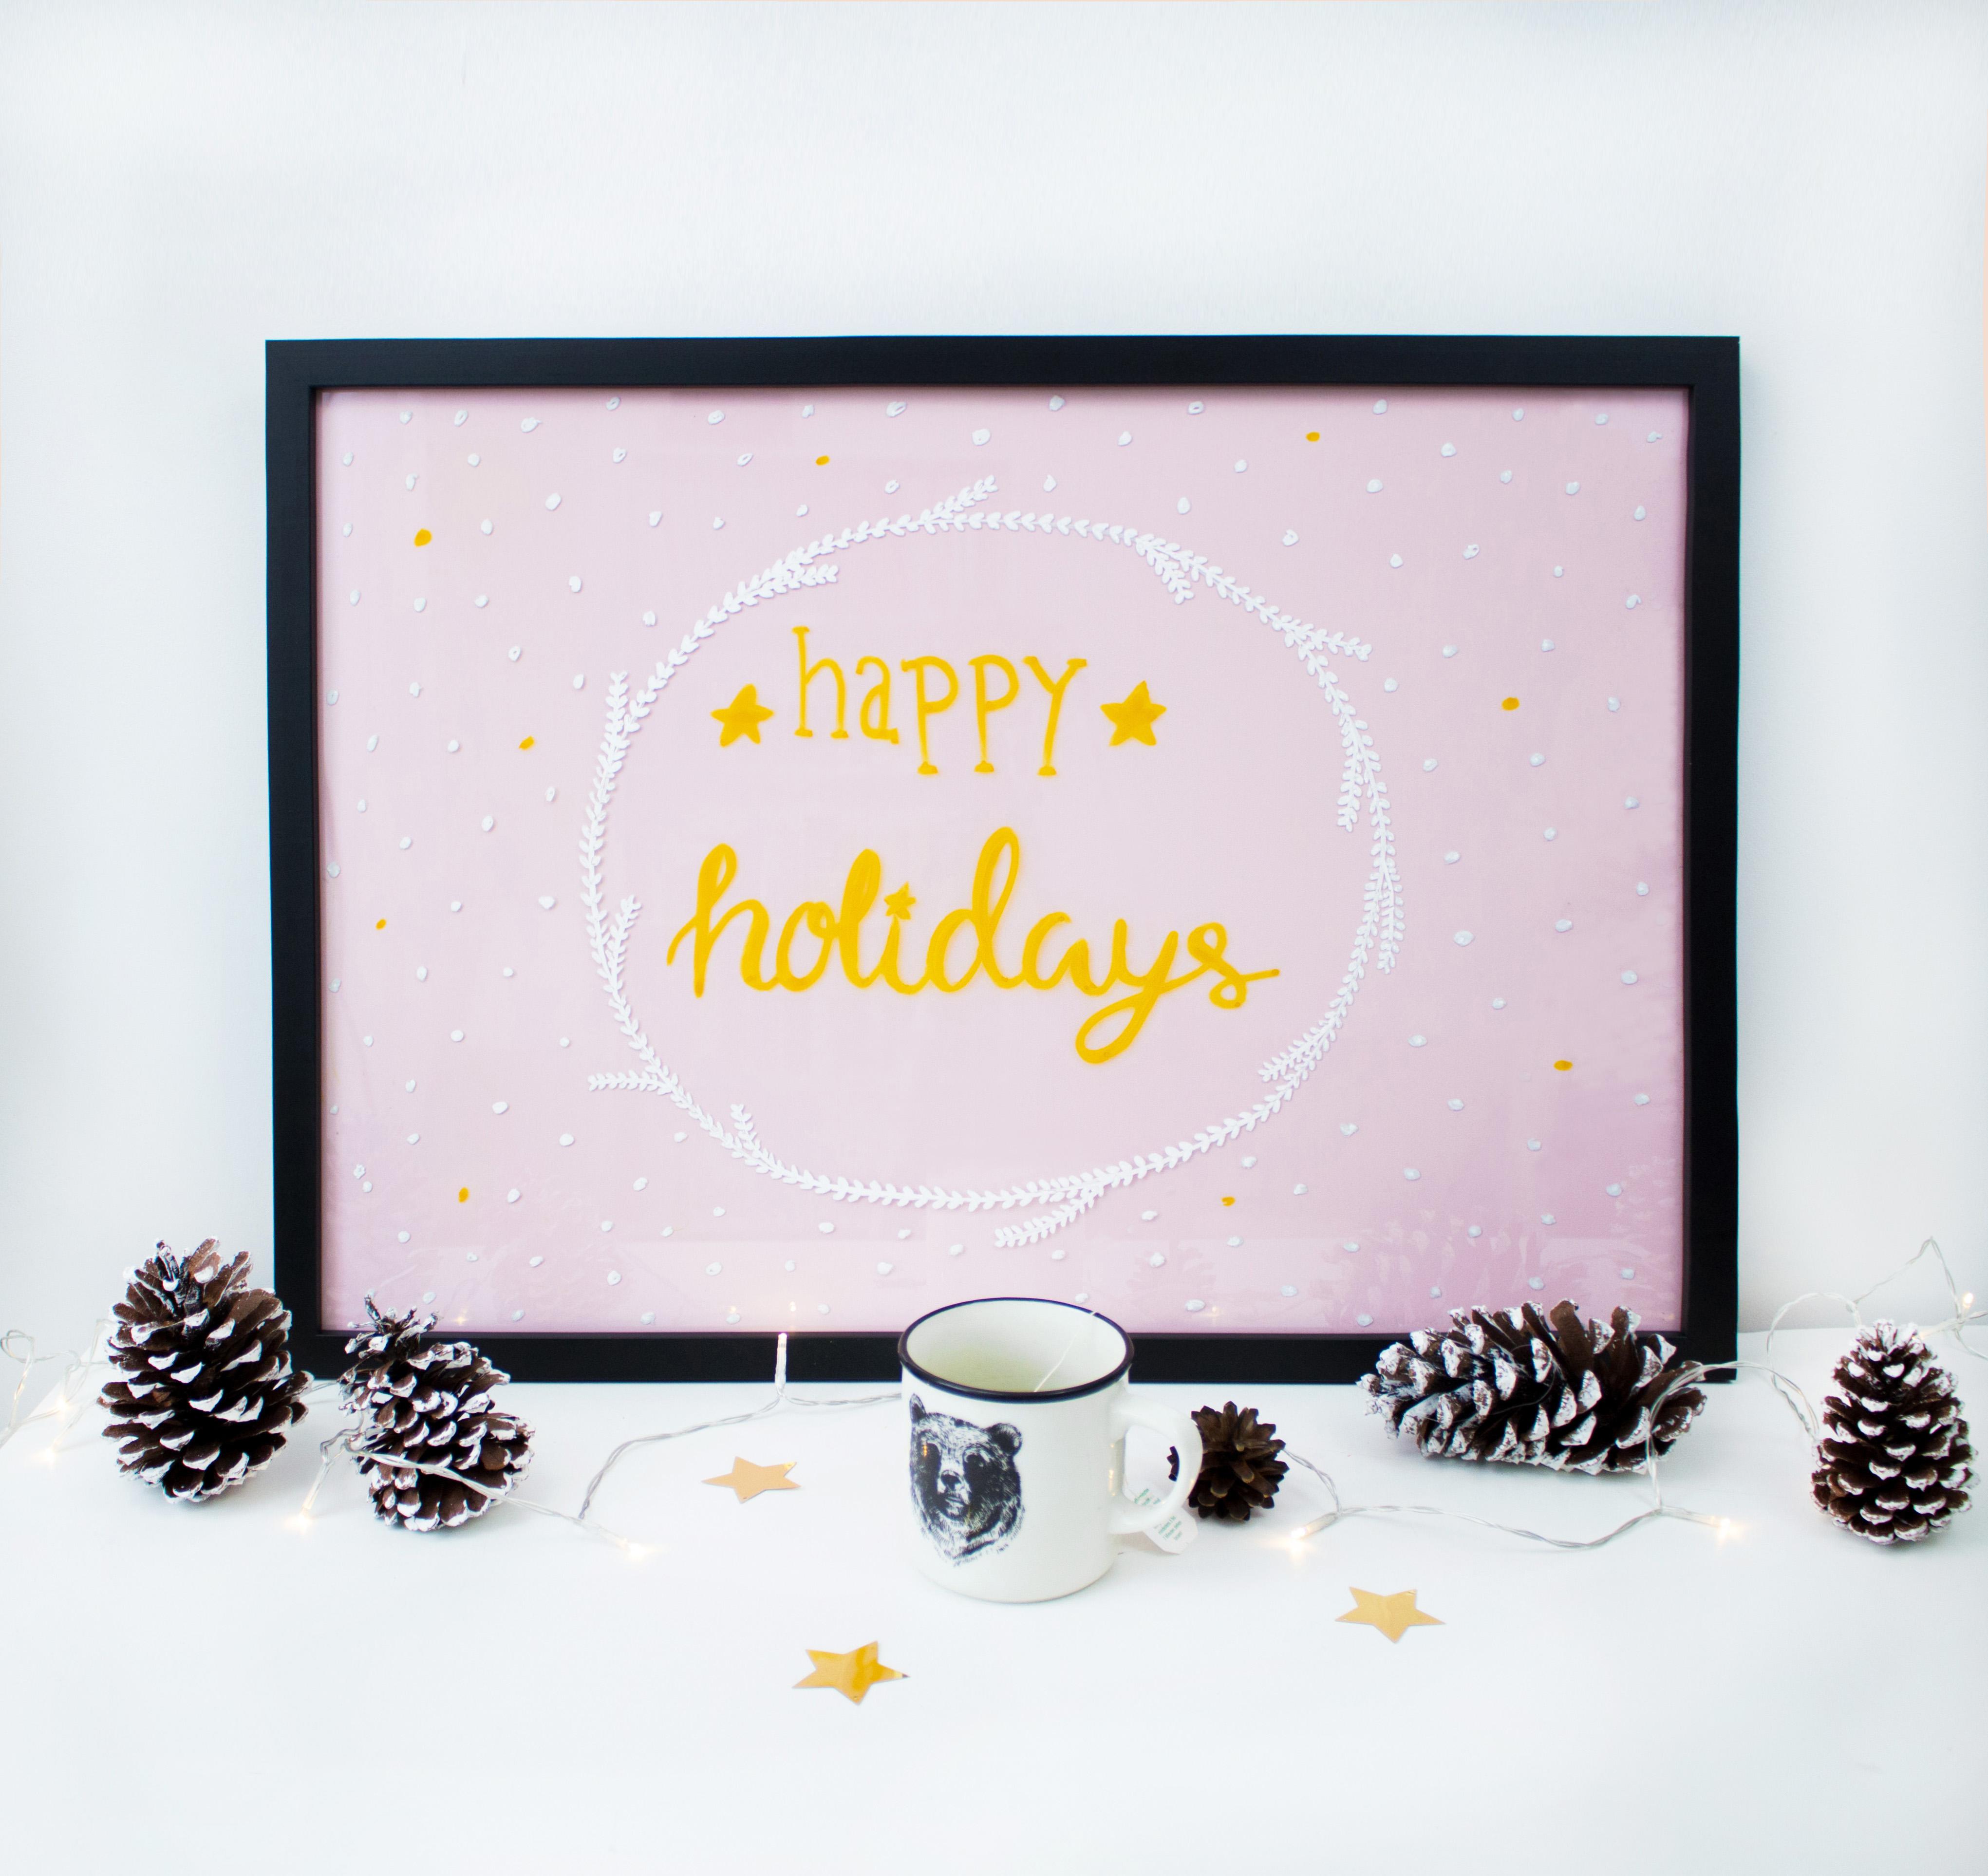 diy weihnachtsbilder mit lettering f r dein zuhause. Black Bedroom Furniture Sets. Home Design Ideas